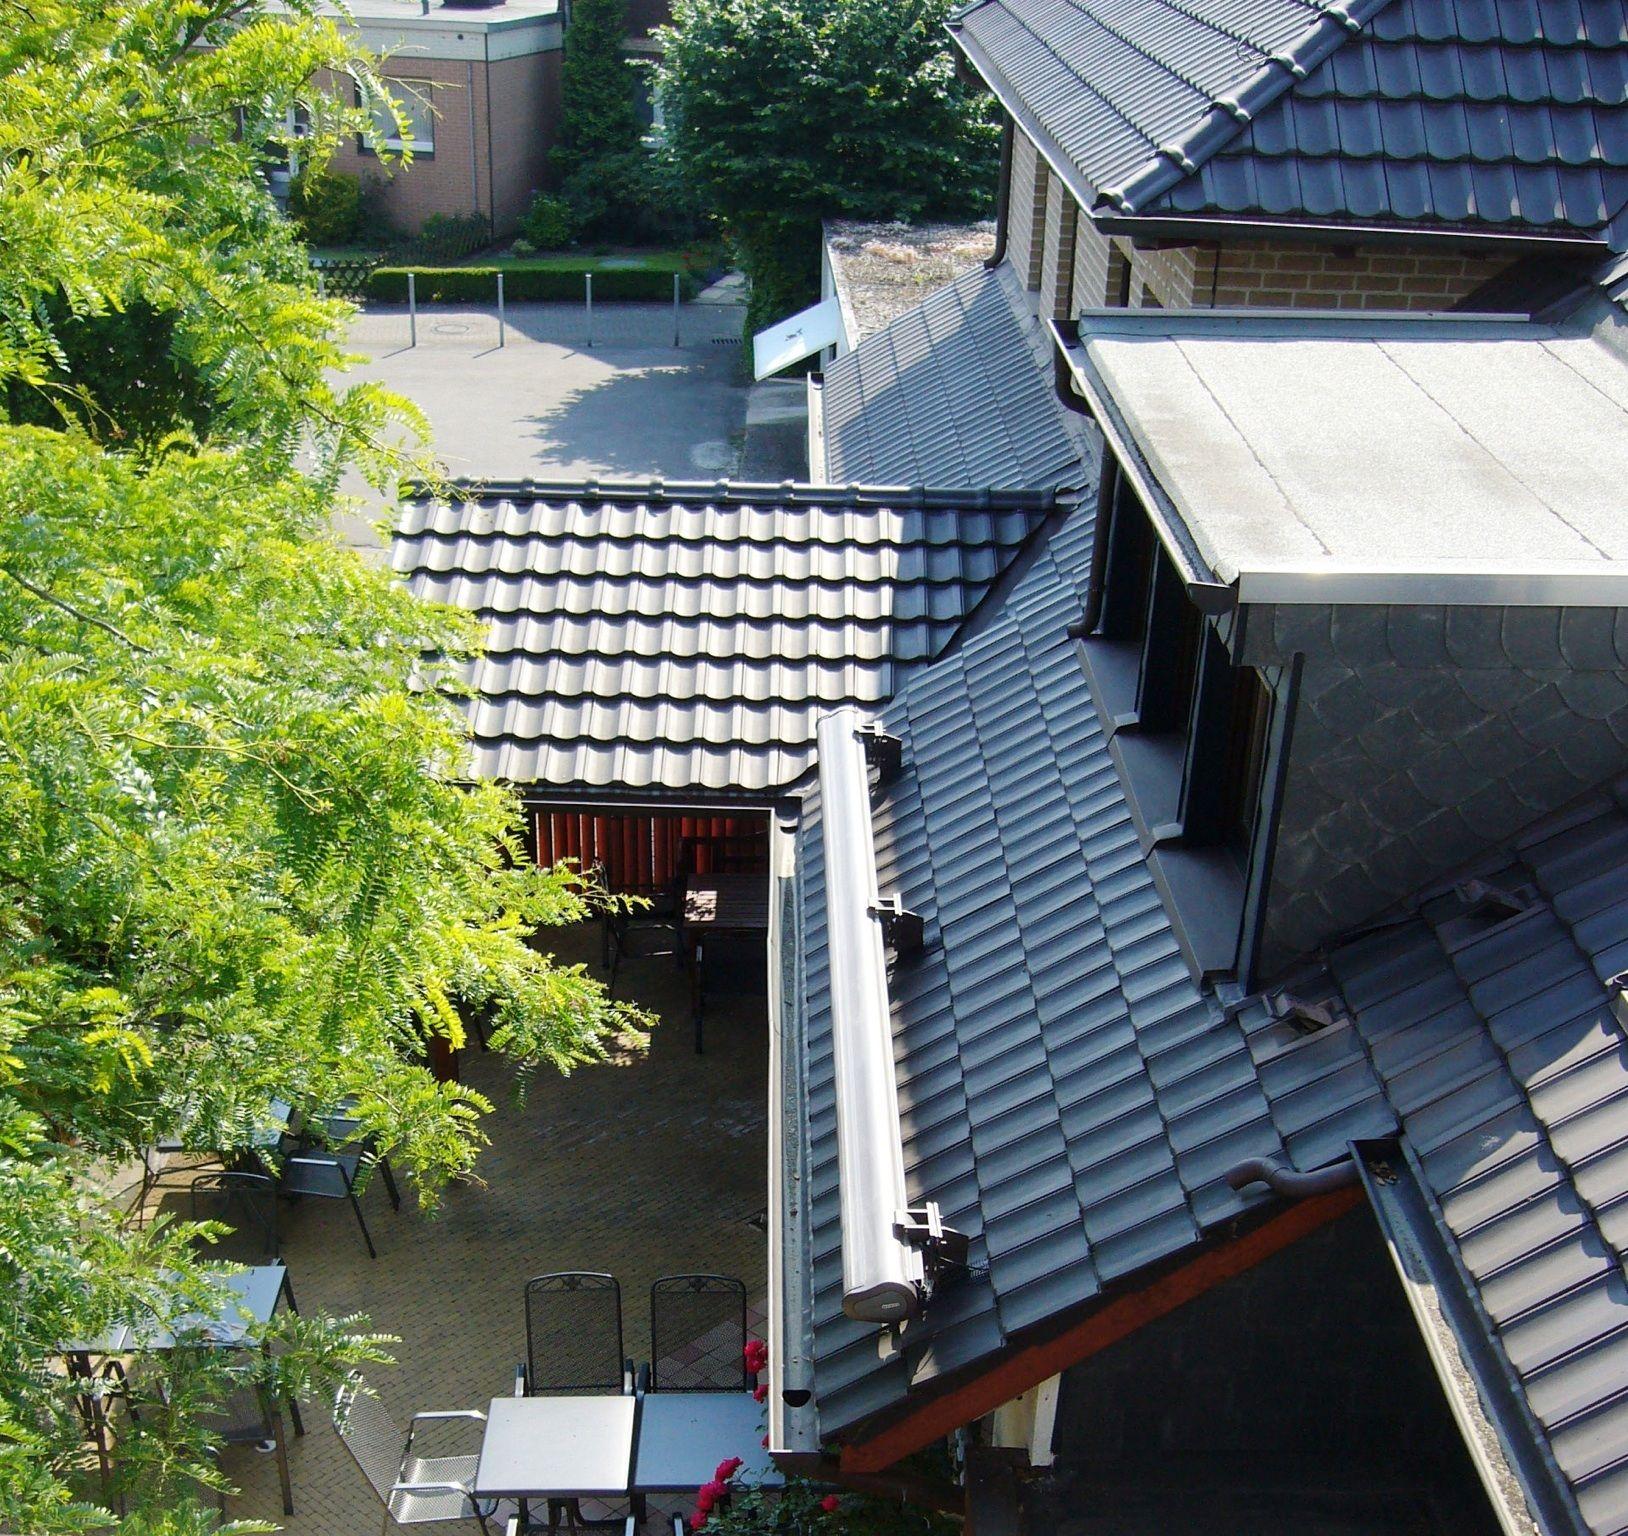 Markisenmontage In Den Dachpfannen Eine Aufdachmontage Markisen